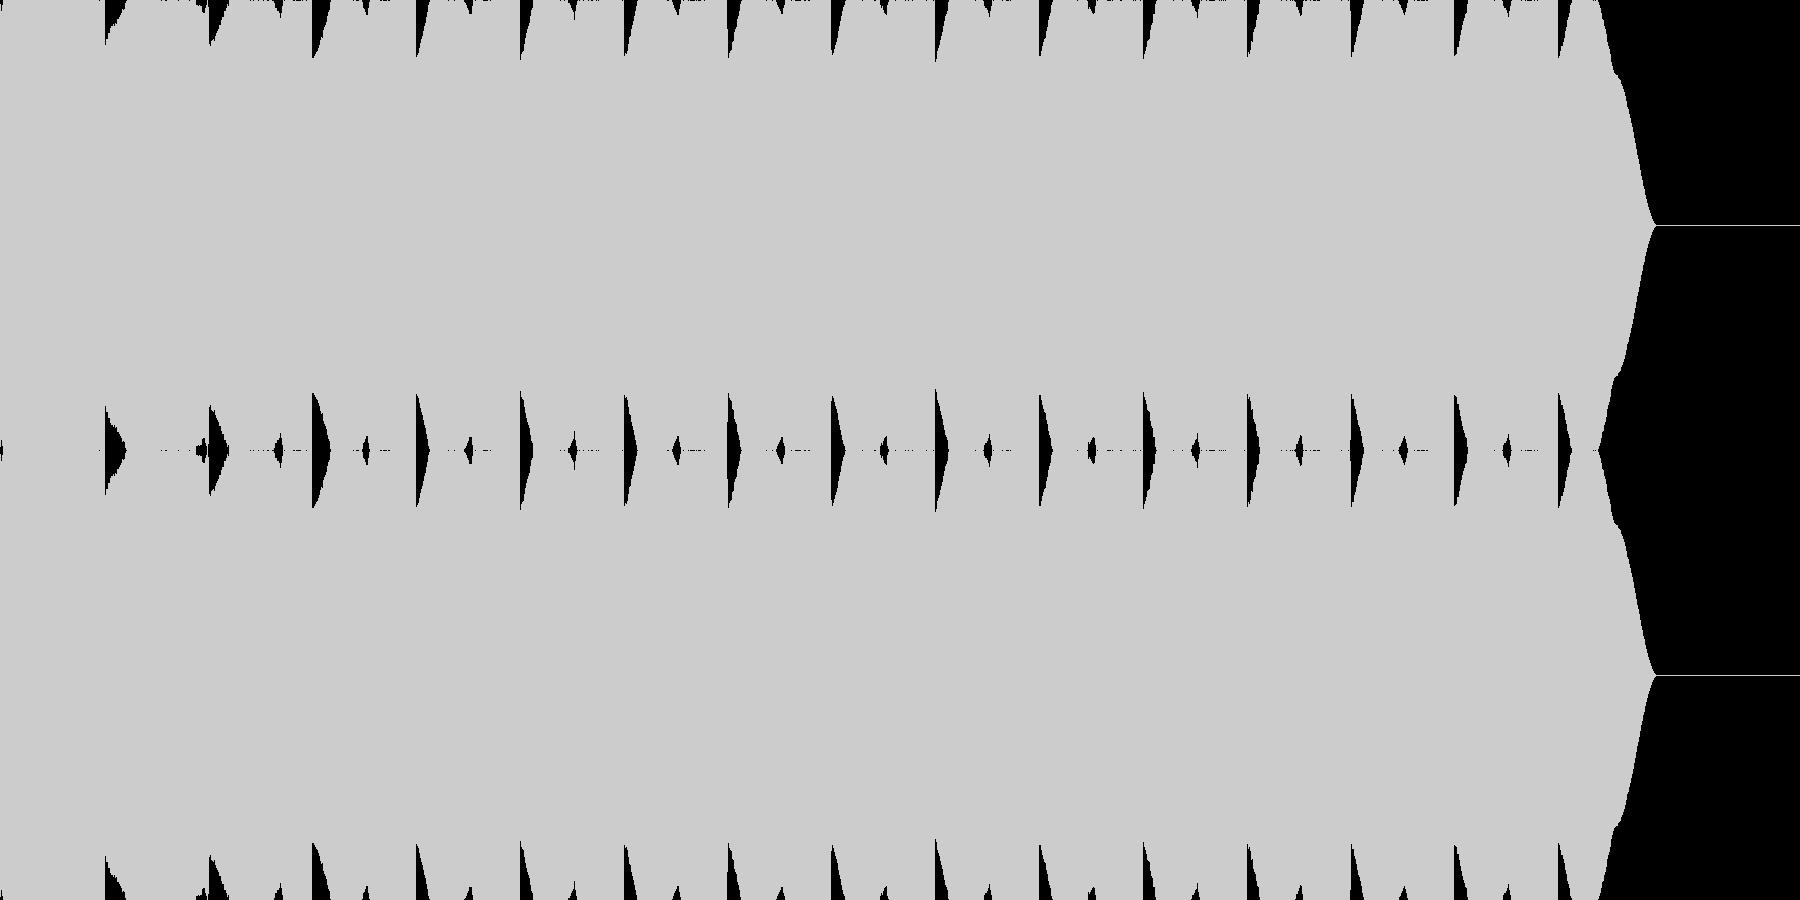 サイレン音 警報 アラーム 緊急速報の未再生の波形